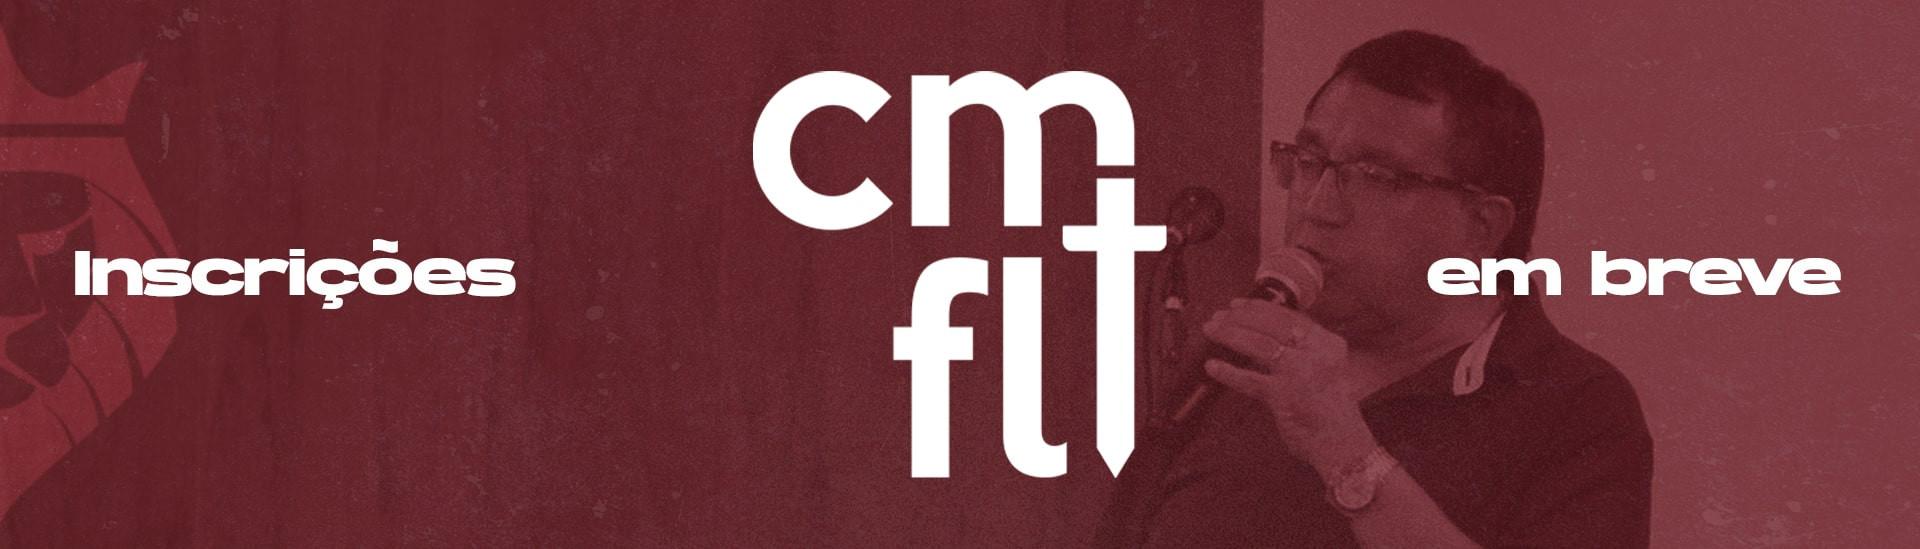 CMFL 03.jpg